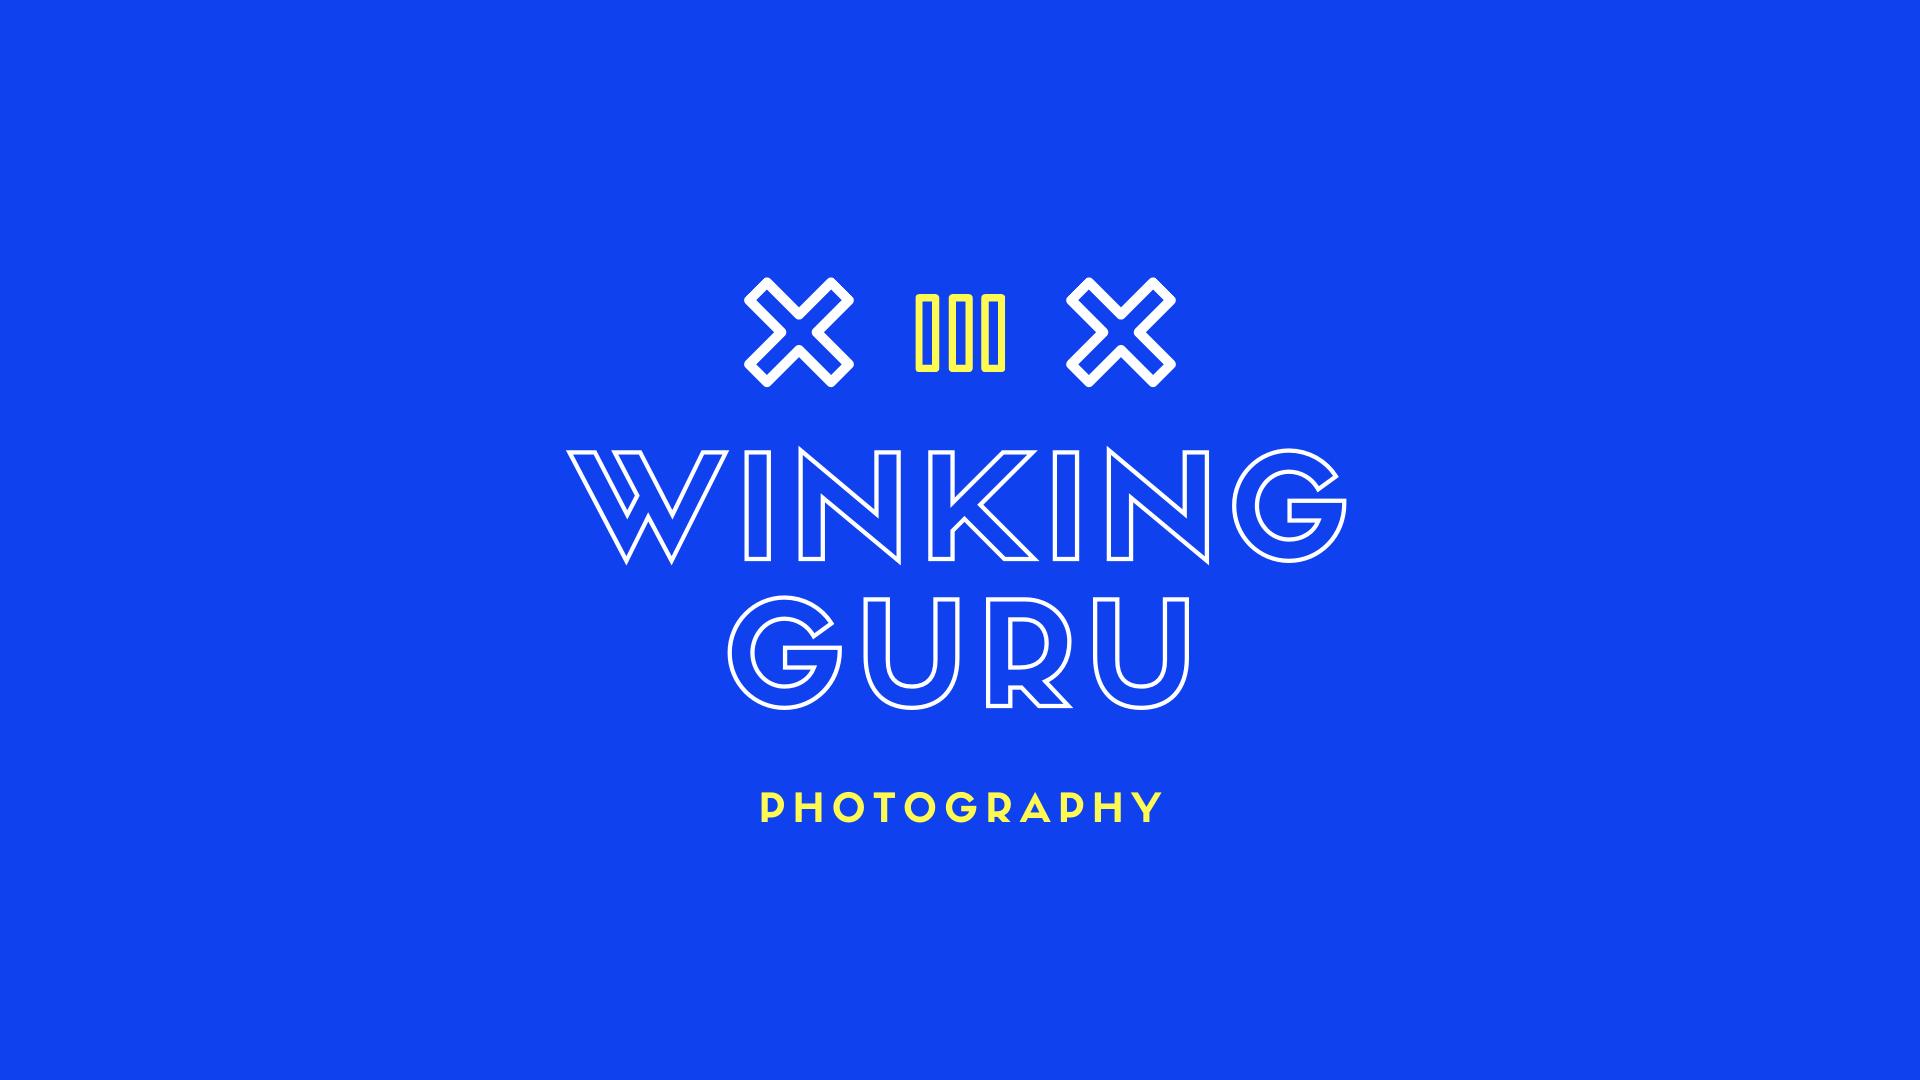 Winking Guru